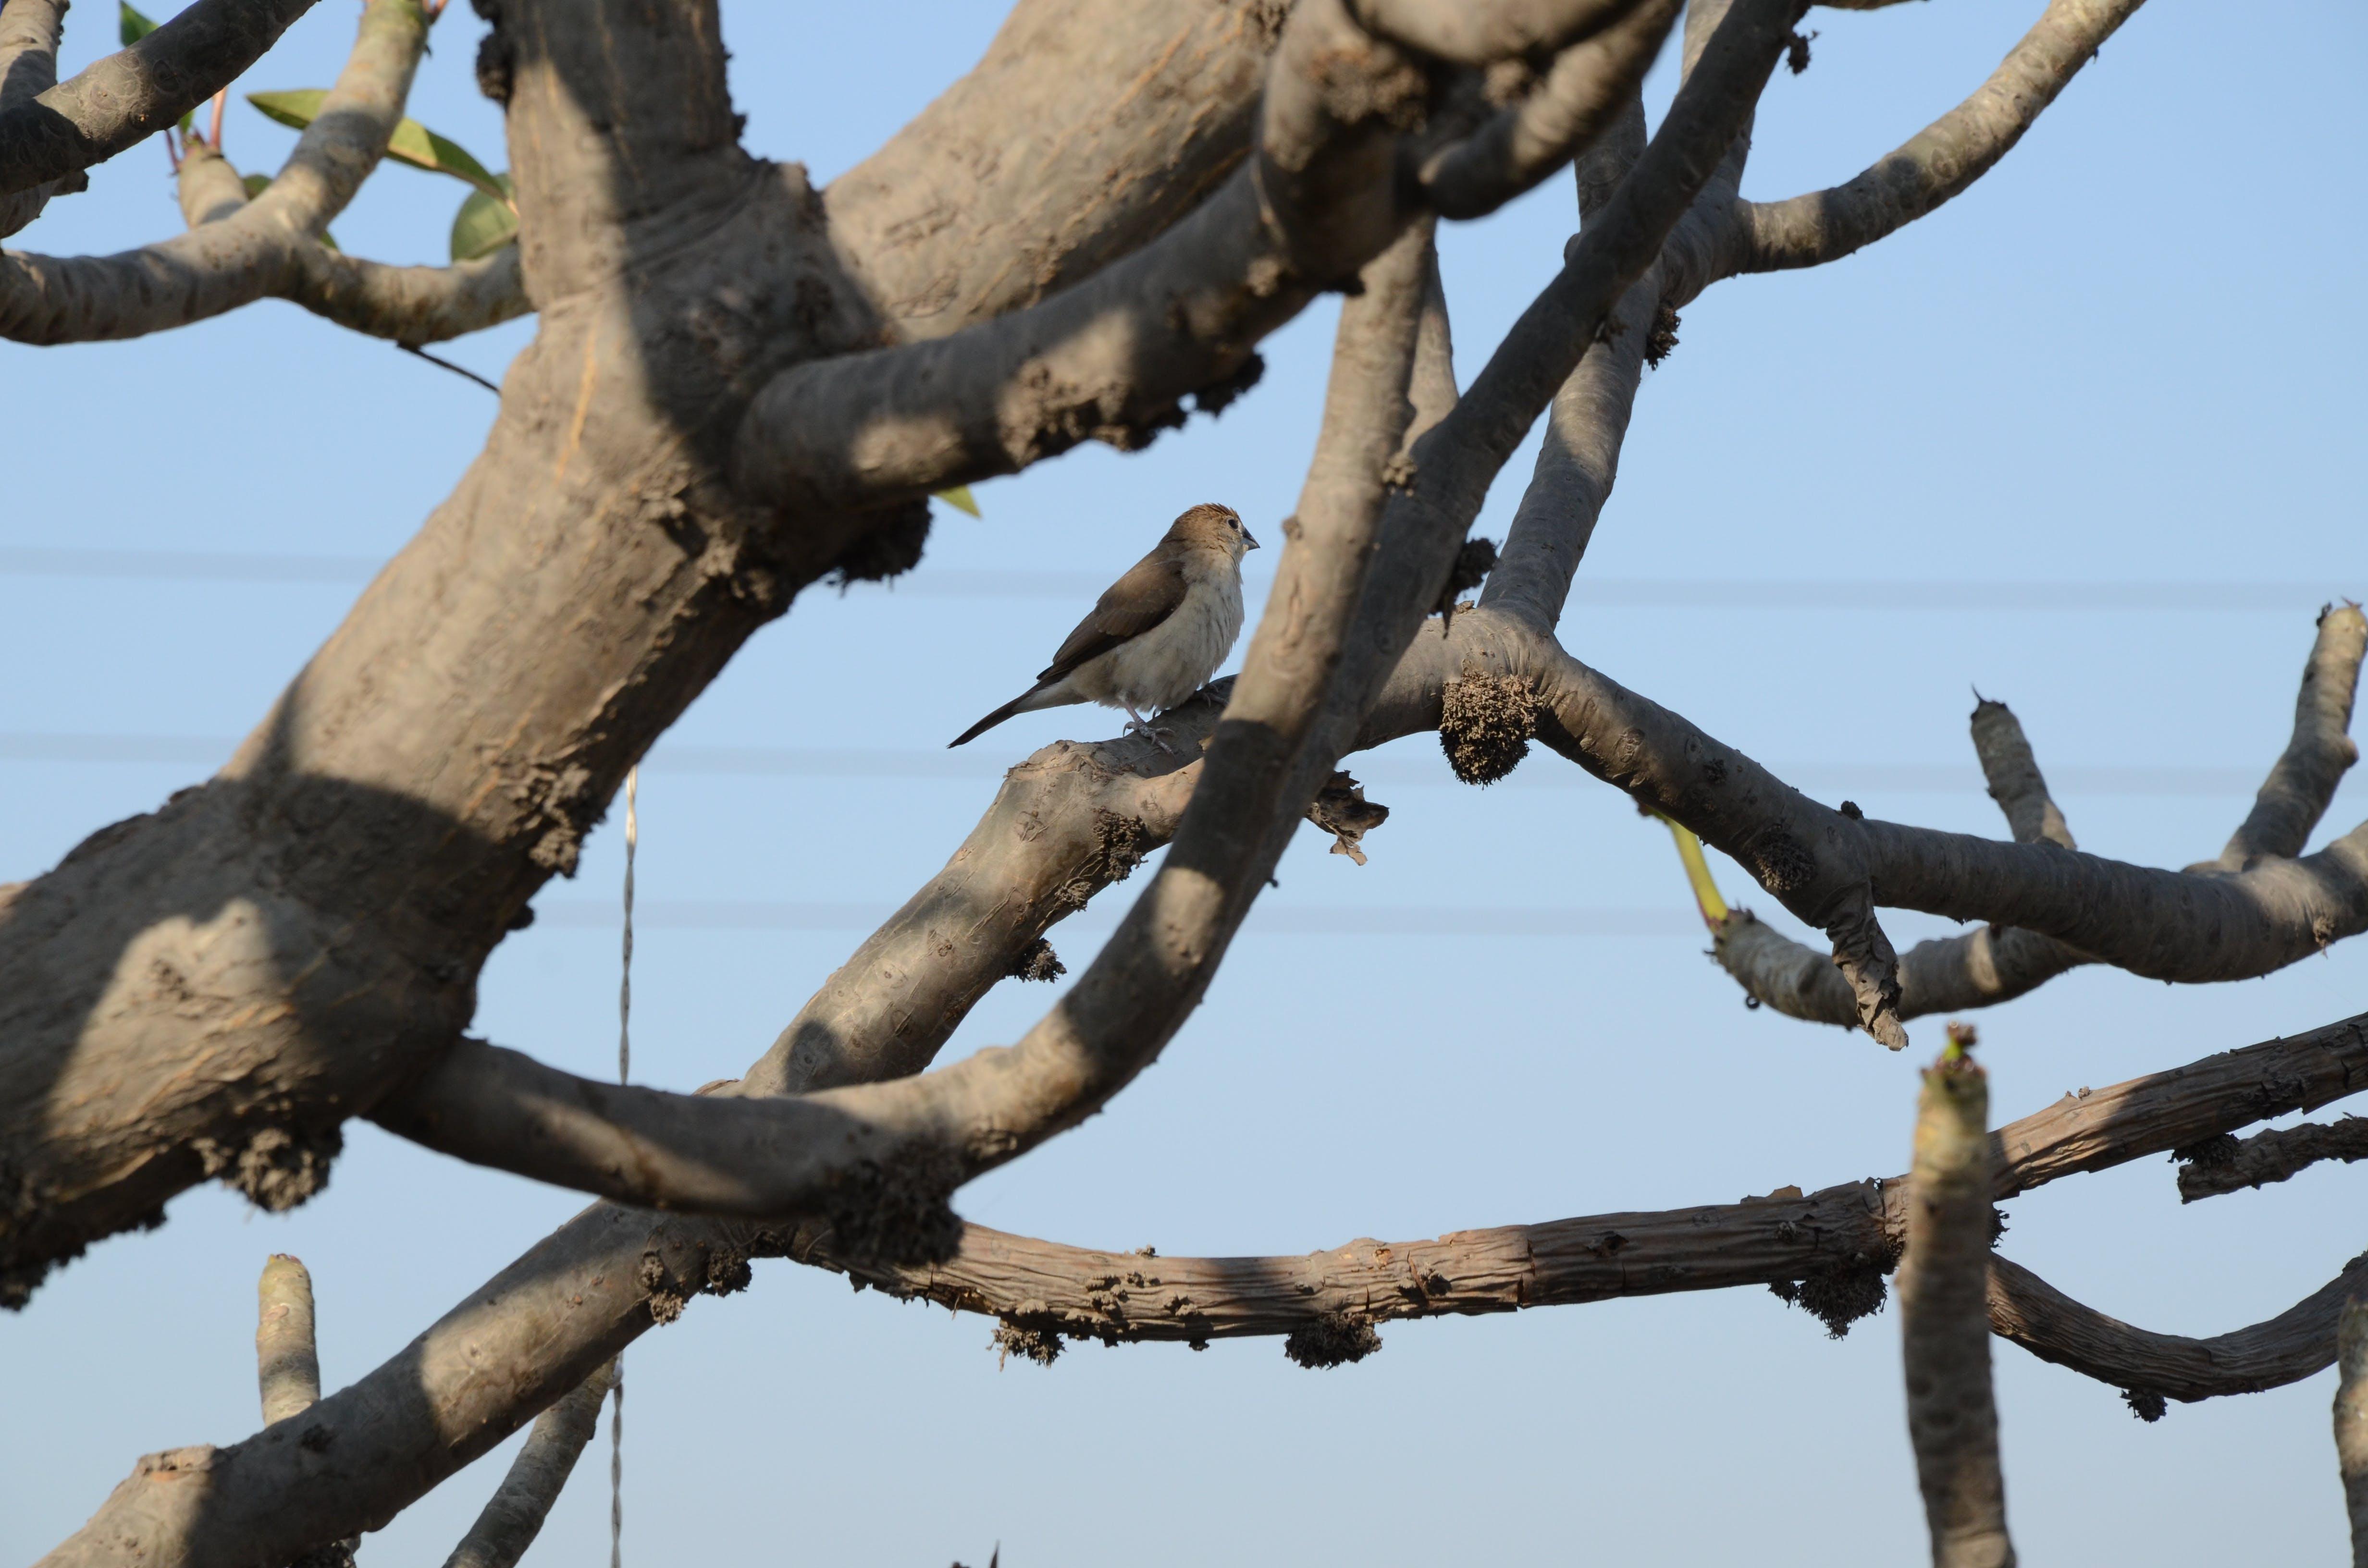 Fotos de stock gratuitas de animal, árbol, baúl, color